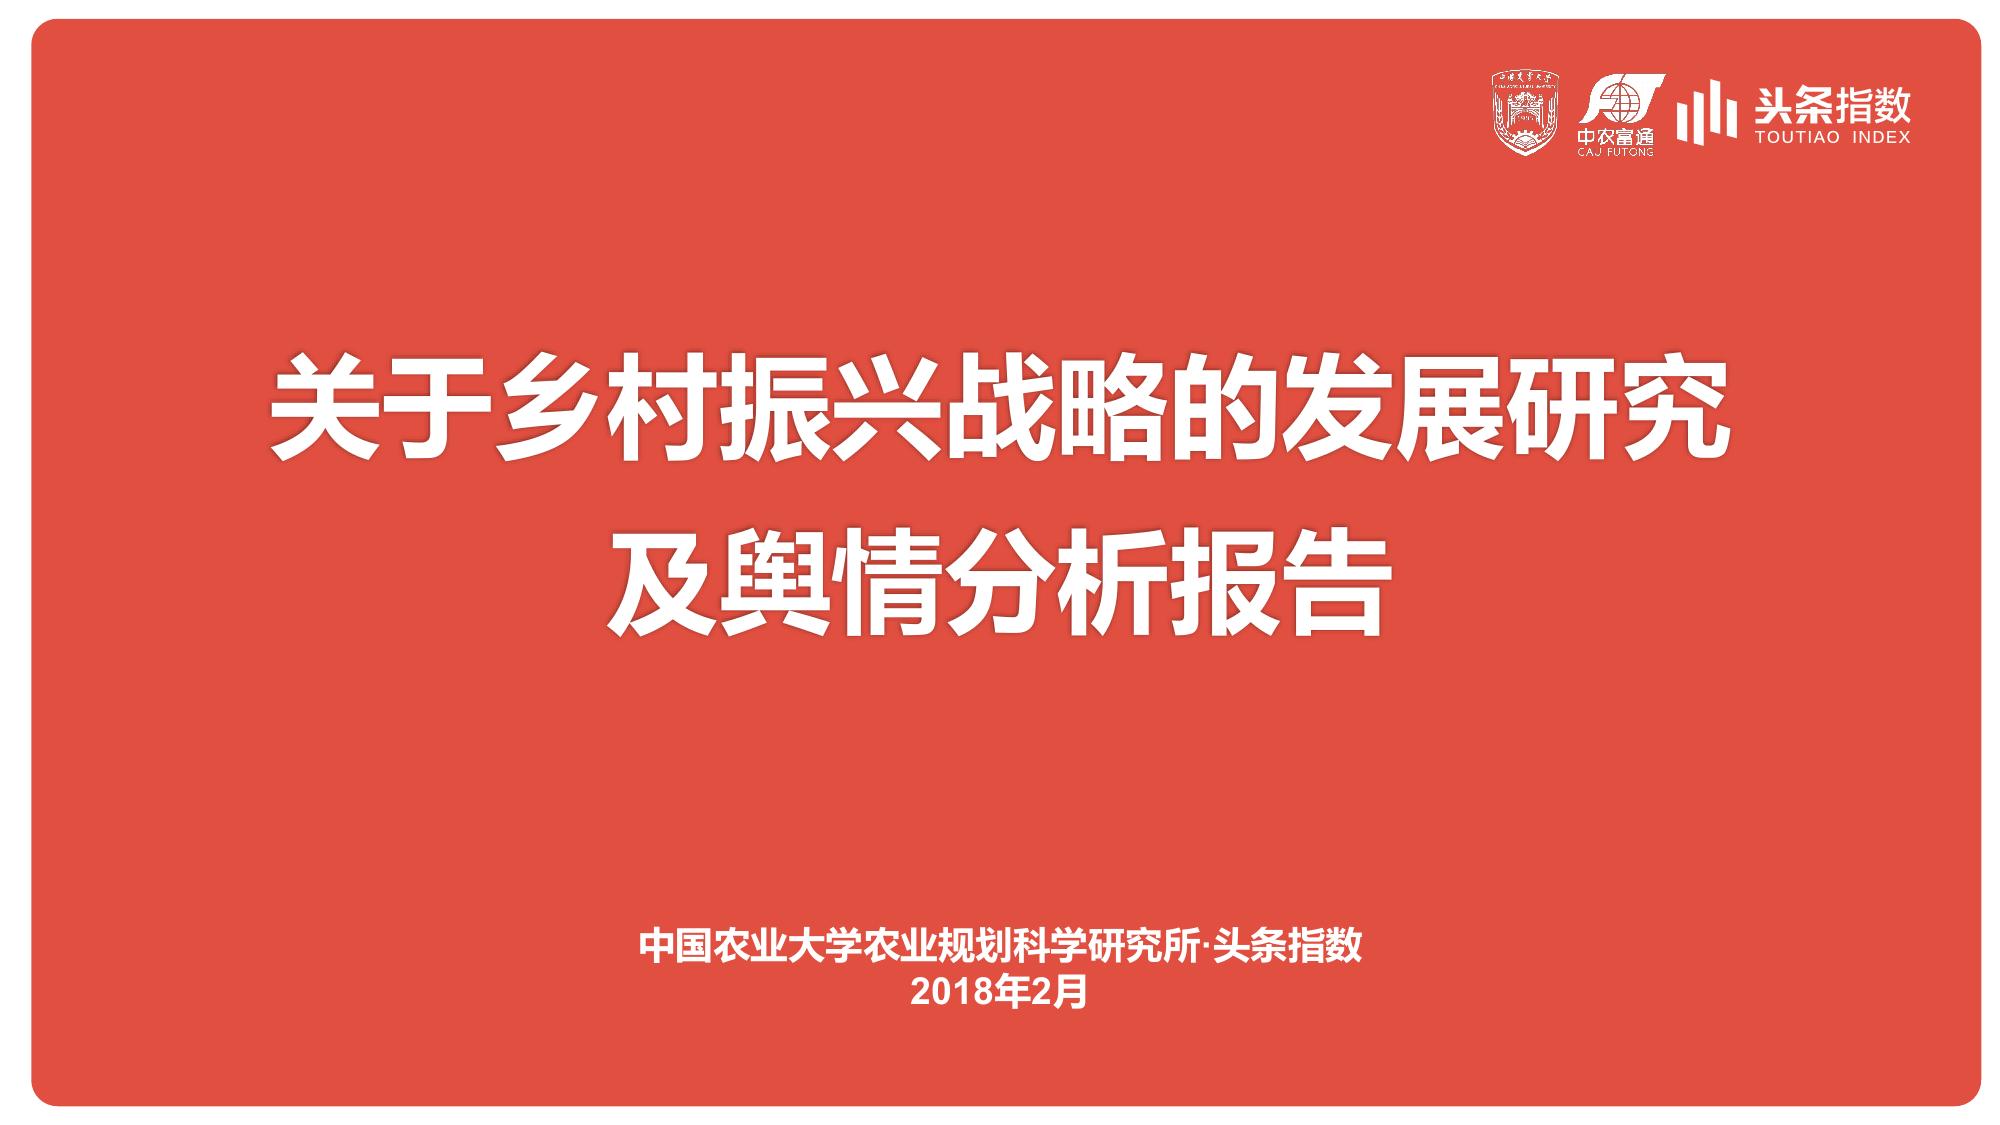 今日头条:关于乡村振兴战略的发展研究与舆情分析(附下载)